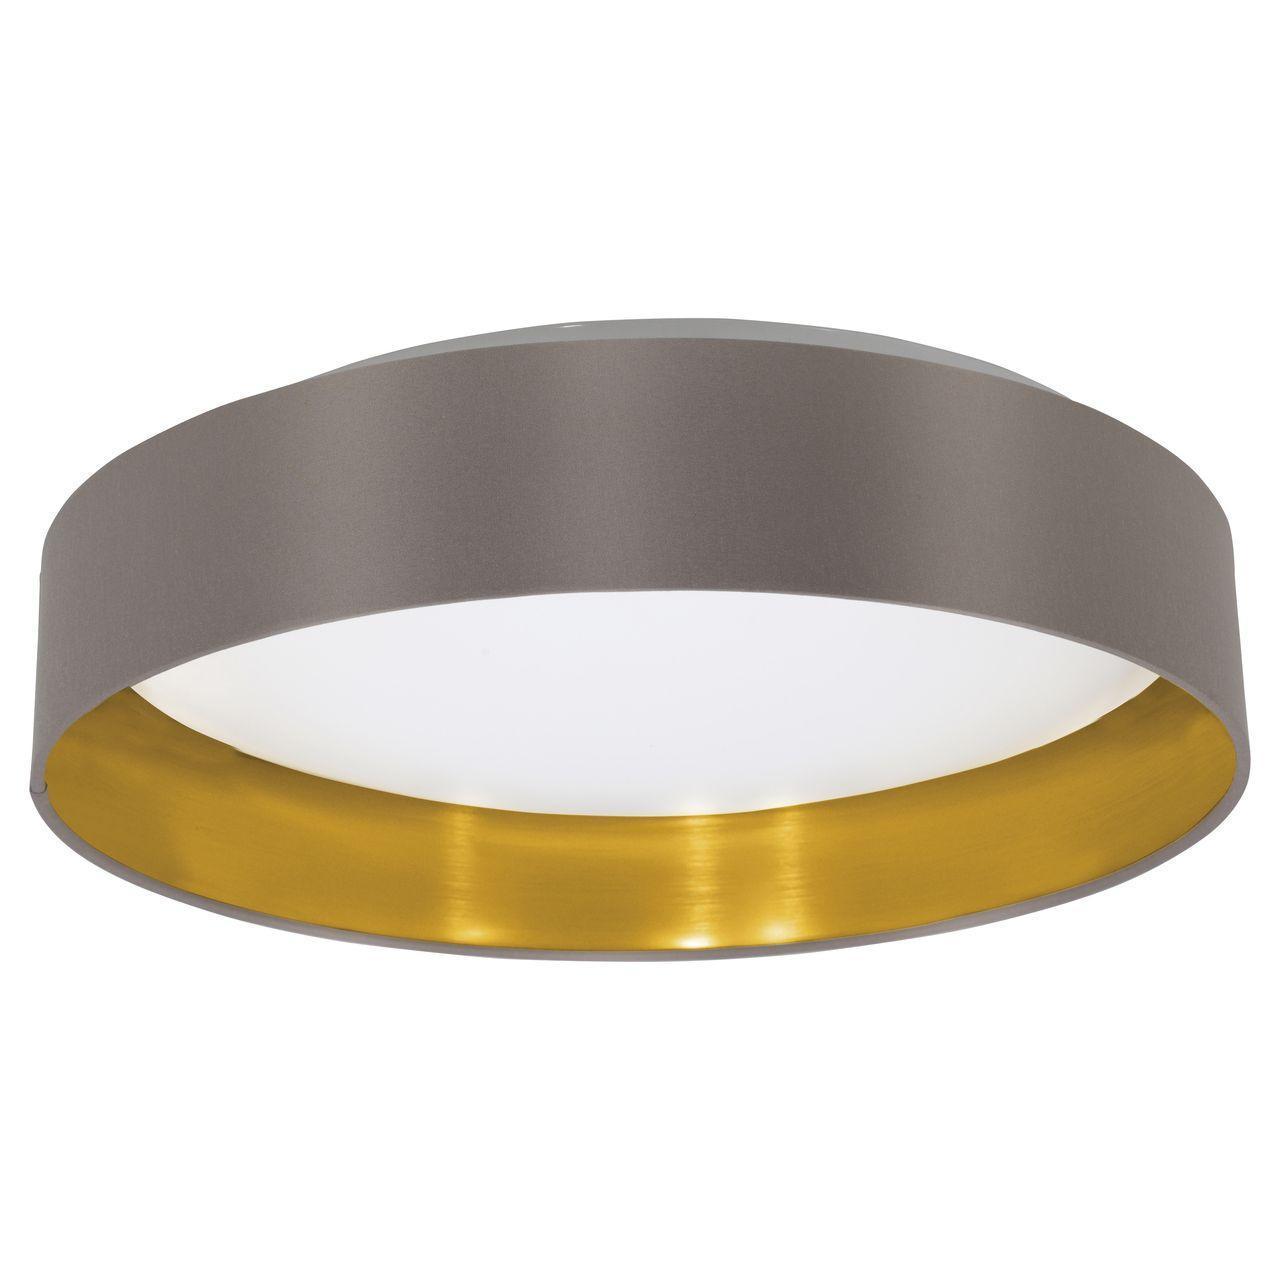 Потолочный светильник Eglo Maserlo 31625 потолочный светильник eglo maserlo 31622